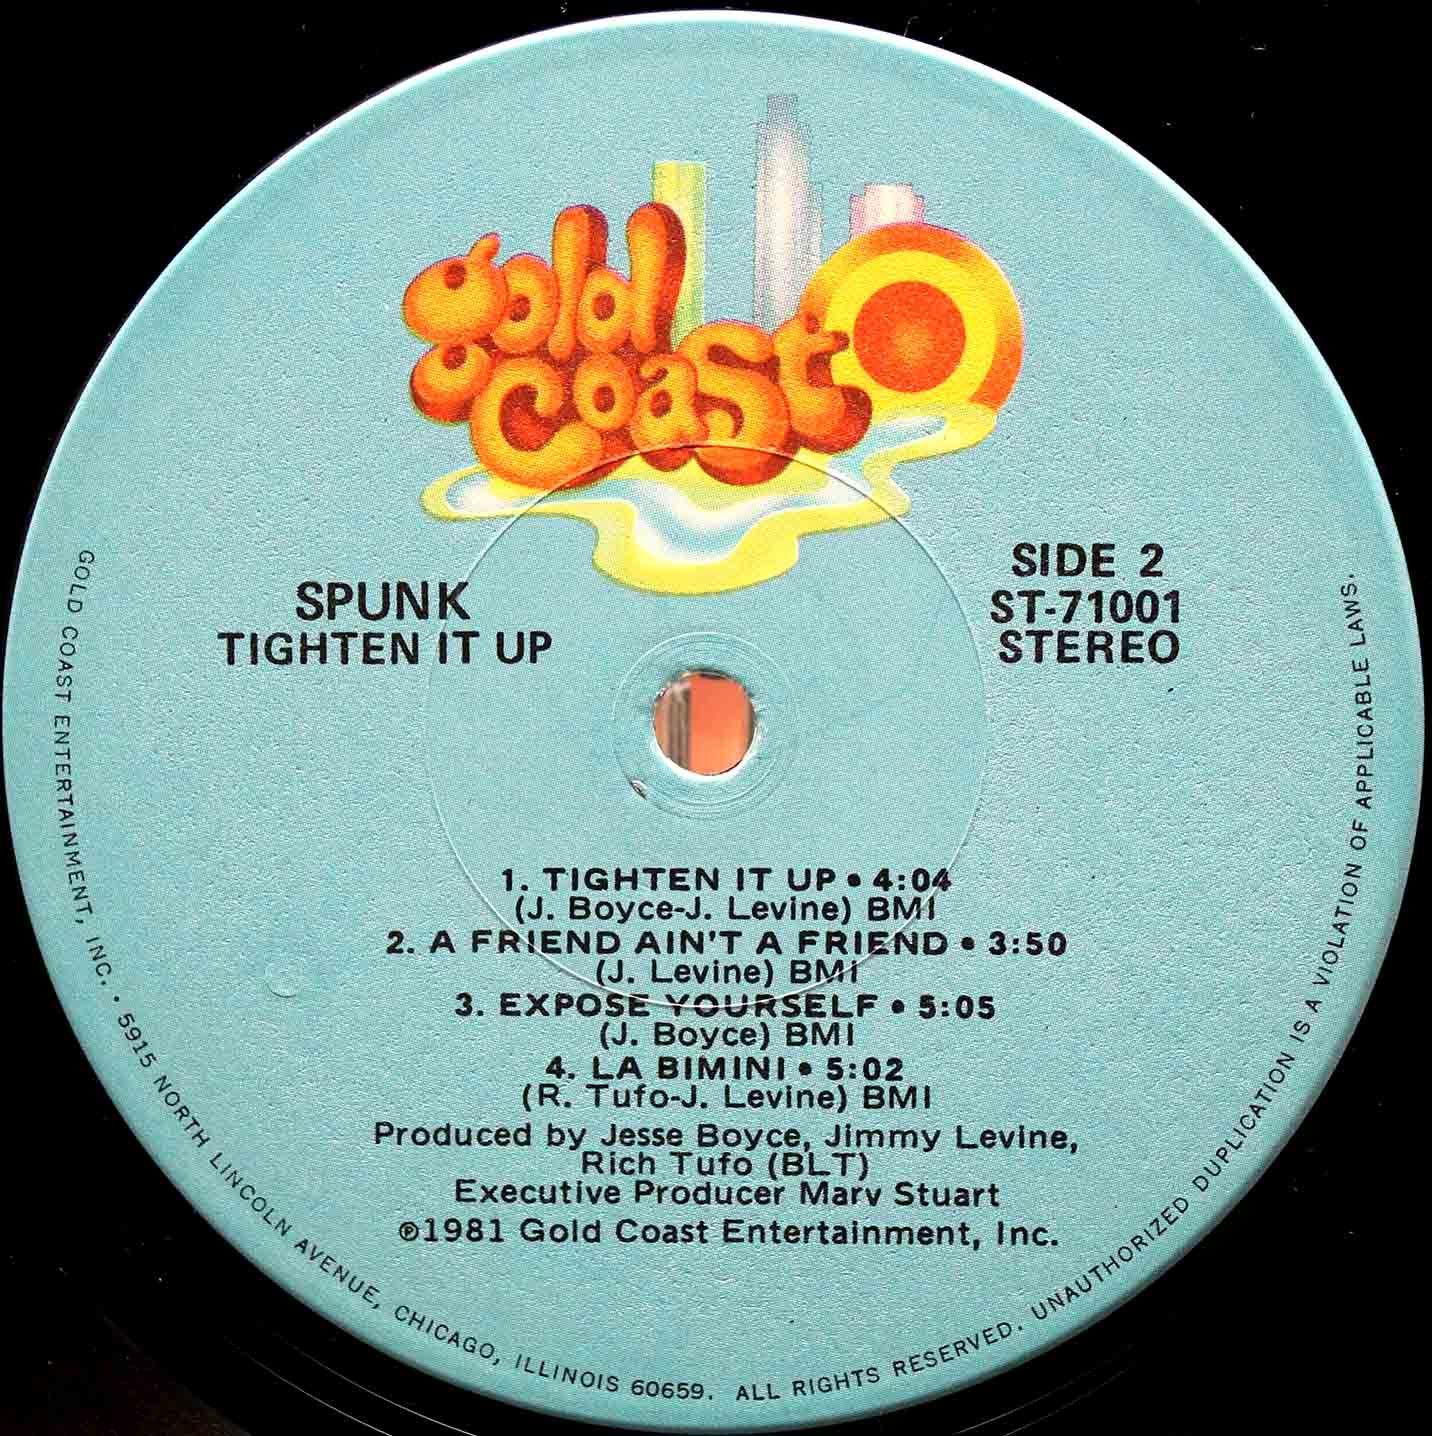 Spunk Tighten It Up LP 04